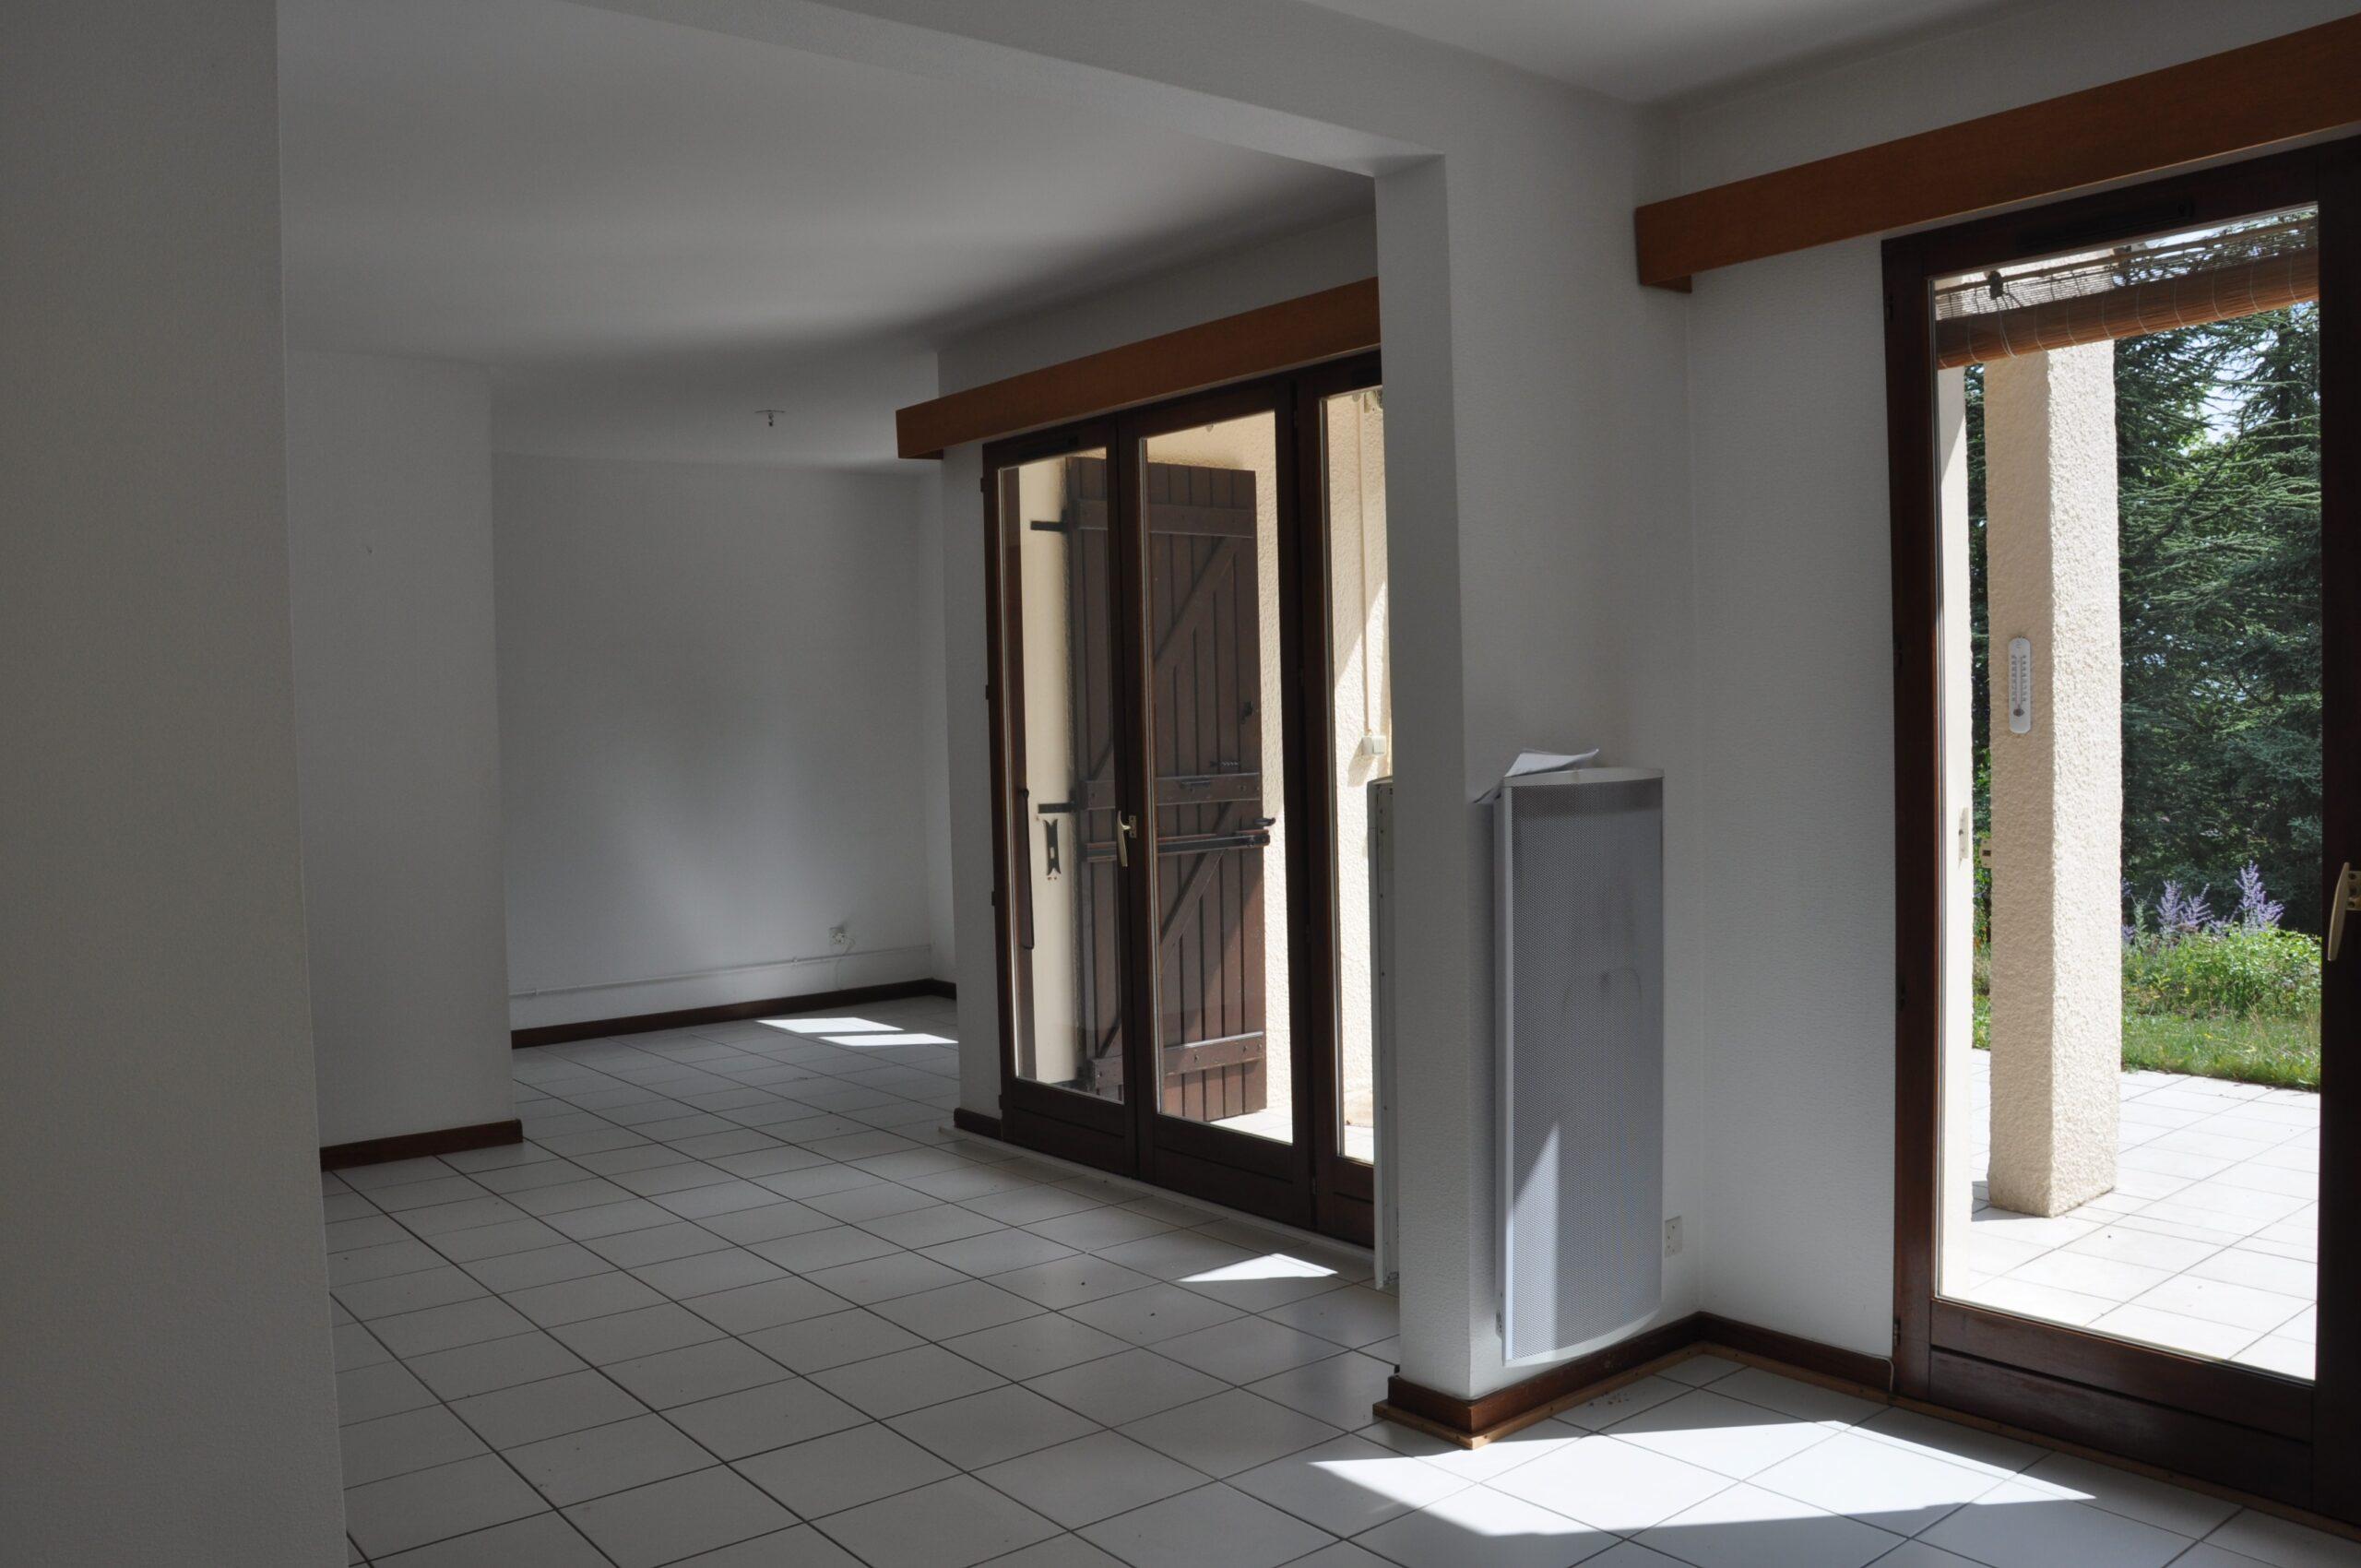 Portes-fenêtres de chez moi avant la rénovation